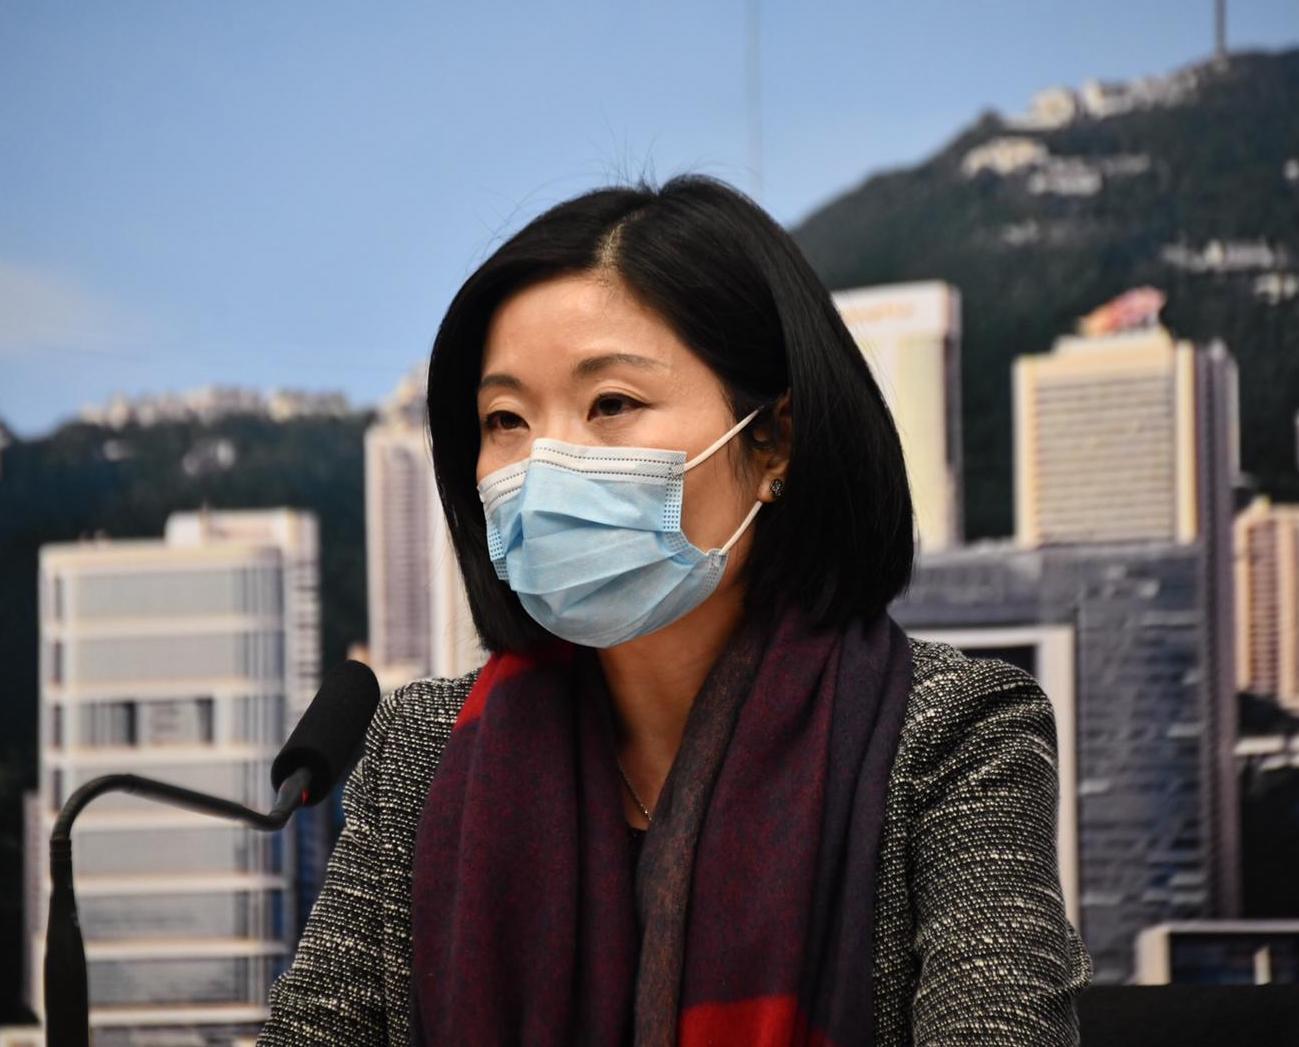 【新冠肺炎】68岁确诊女病人危殆 肺片转差需插喉用利巴韦林